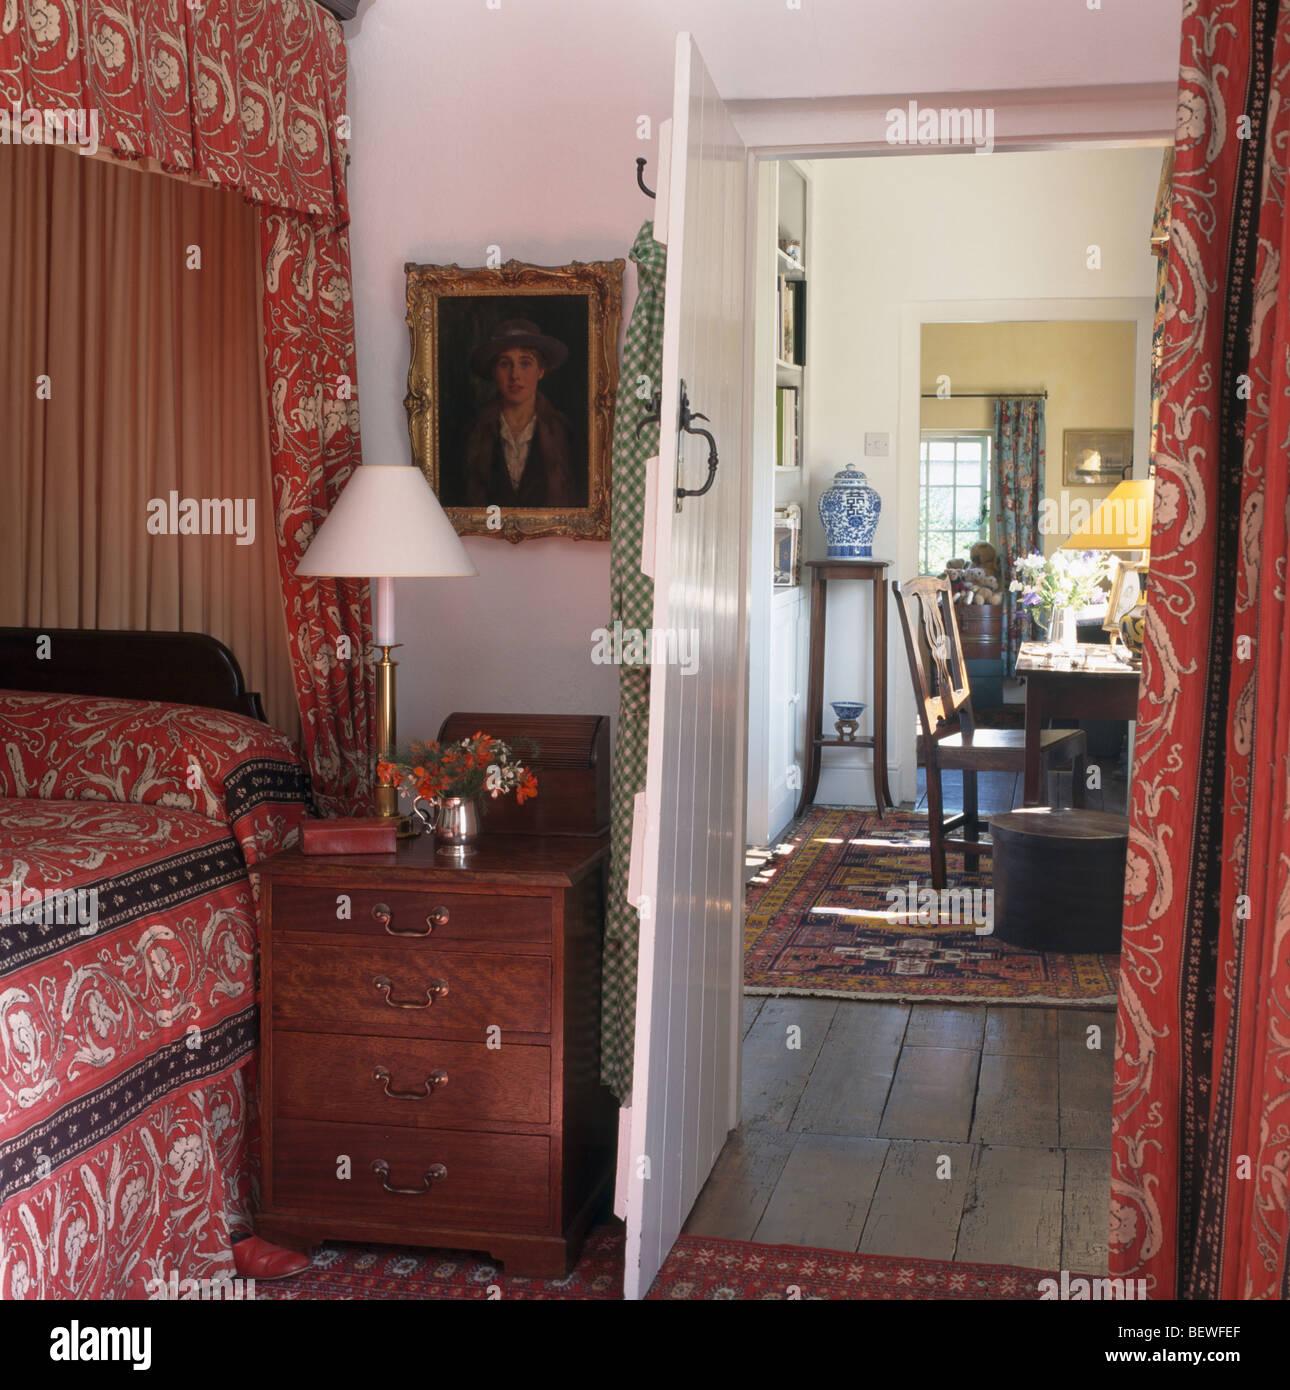 Rote Bettdecke Und Vorhänge Am Himmelbett Im Land Ferienhaus Schlafzimmer  Mit Tür Offen Bis Zur Landung